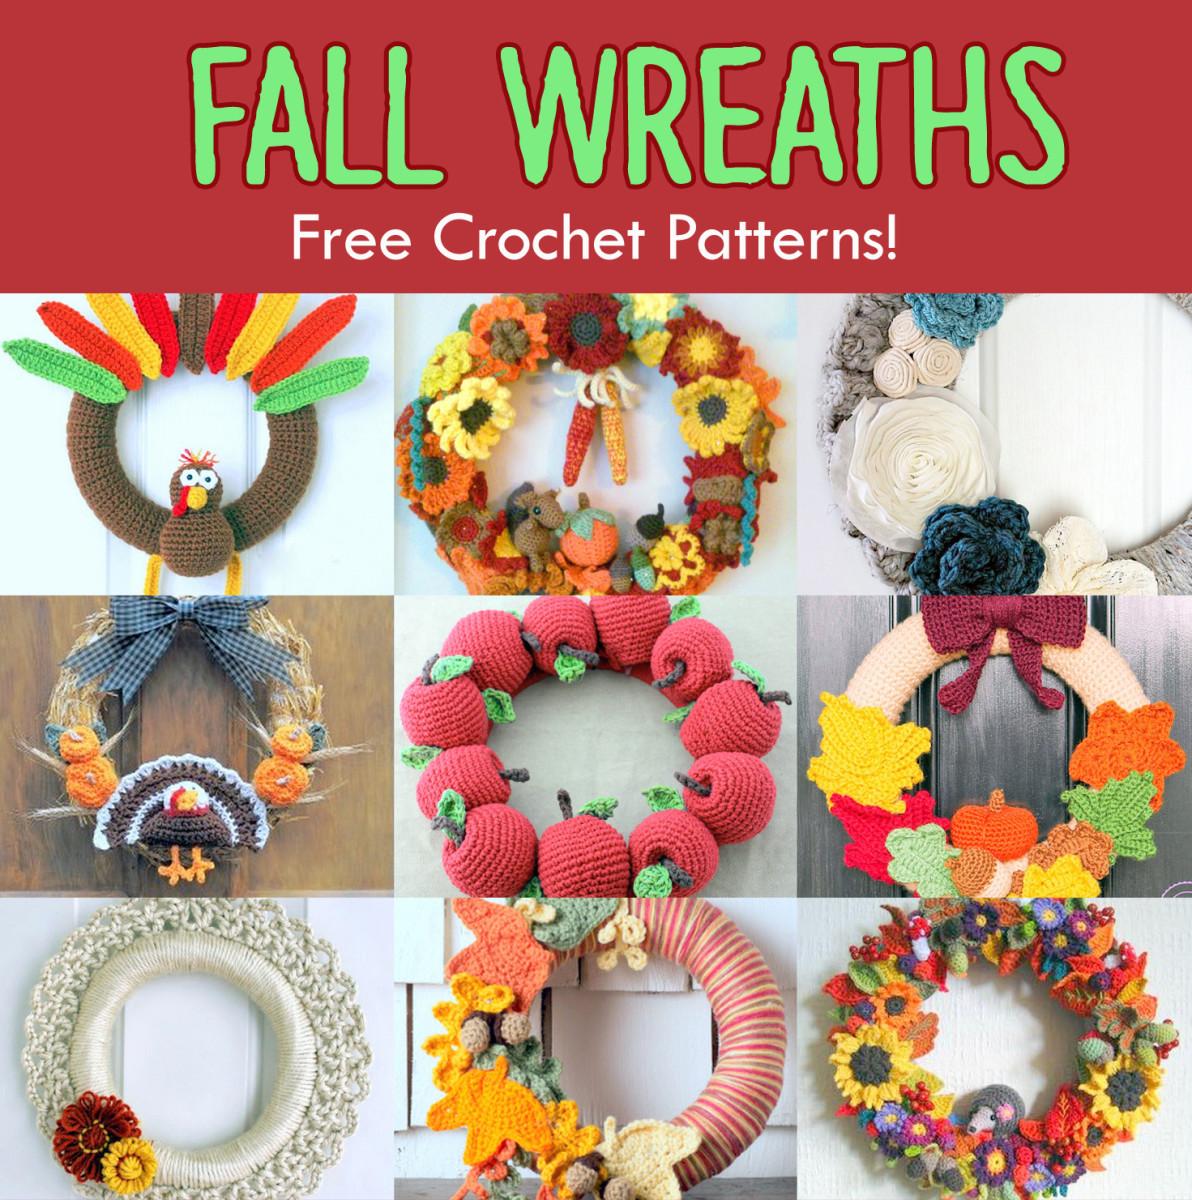 11 Free Fall & Thanksgiving Wreaths Crochet Patterns | FeltMagnet